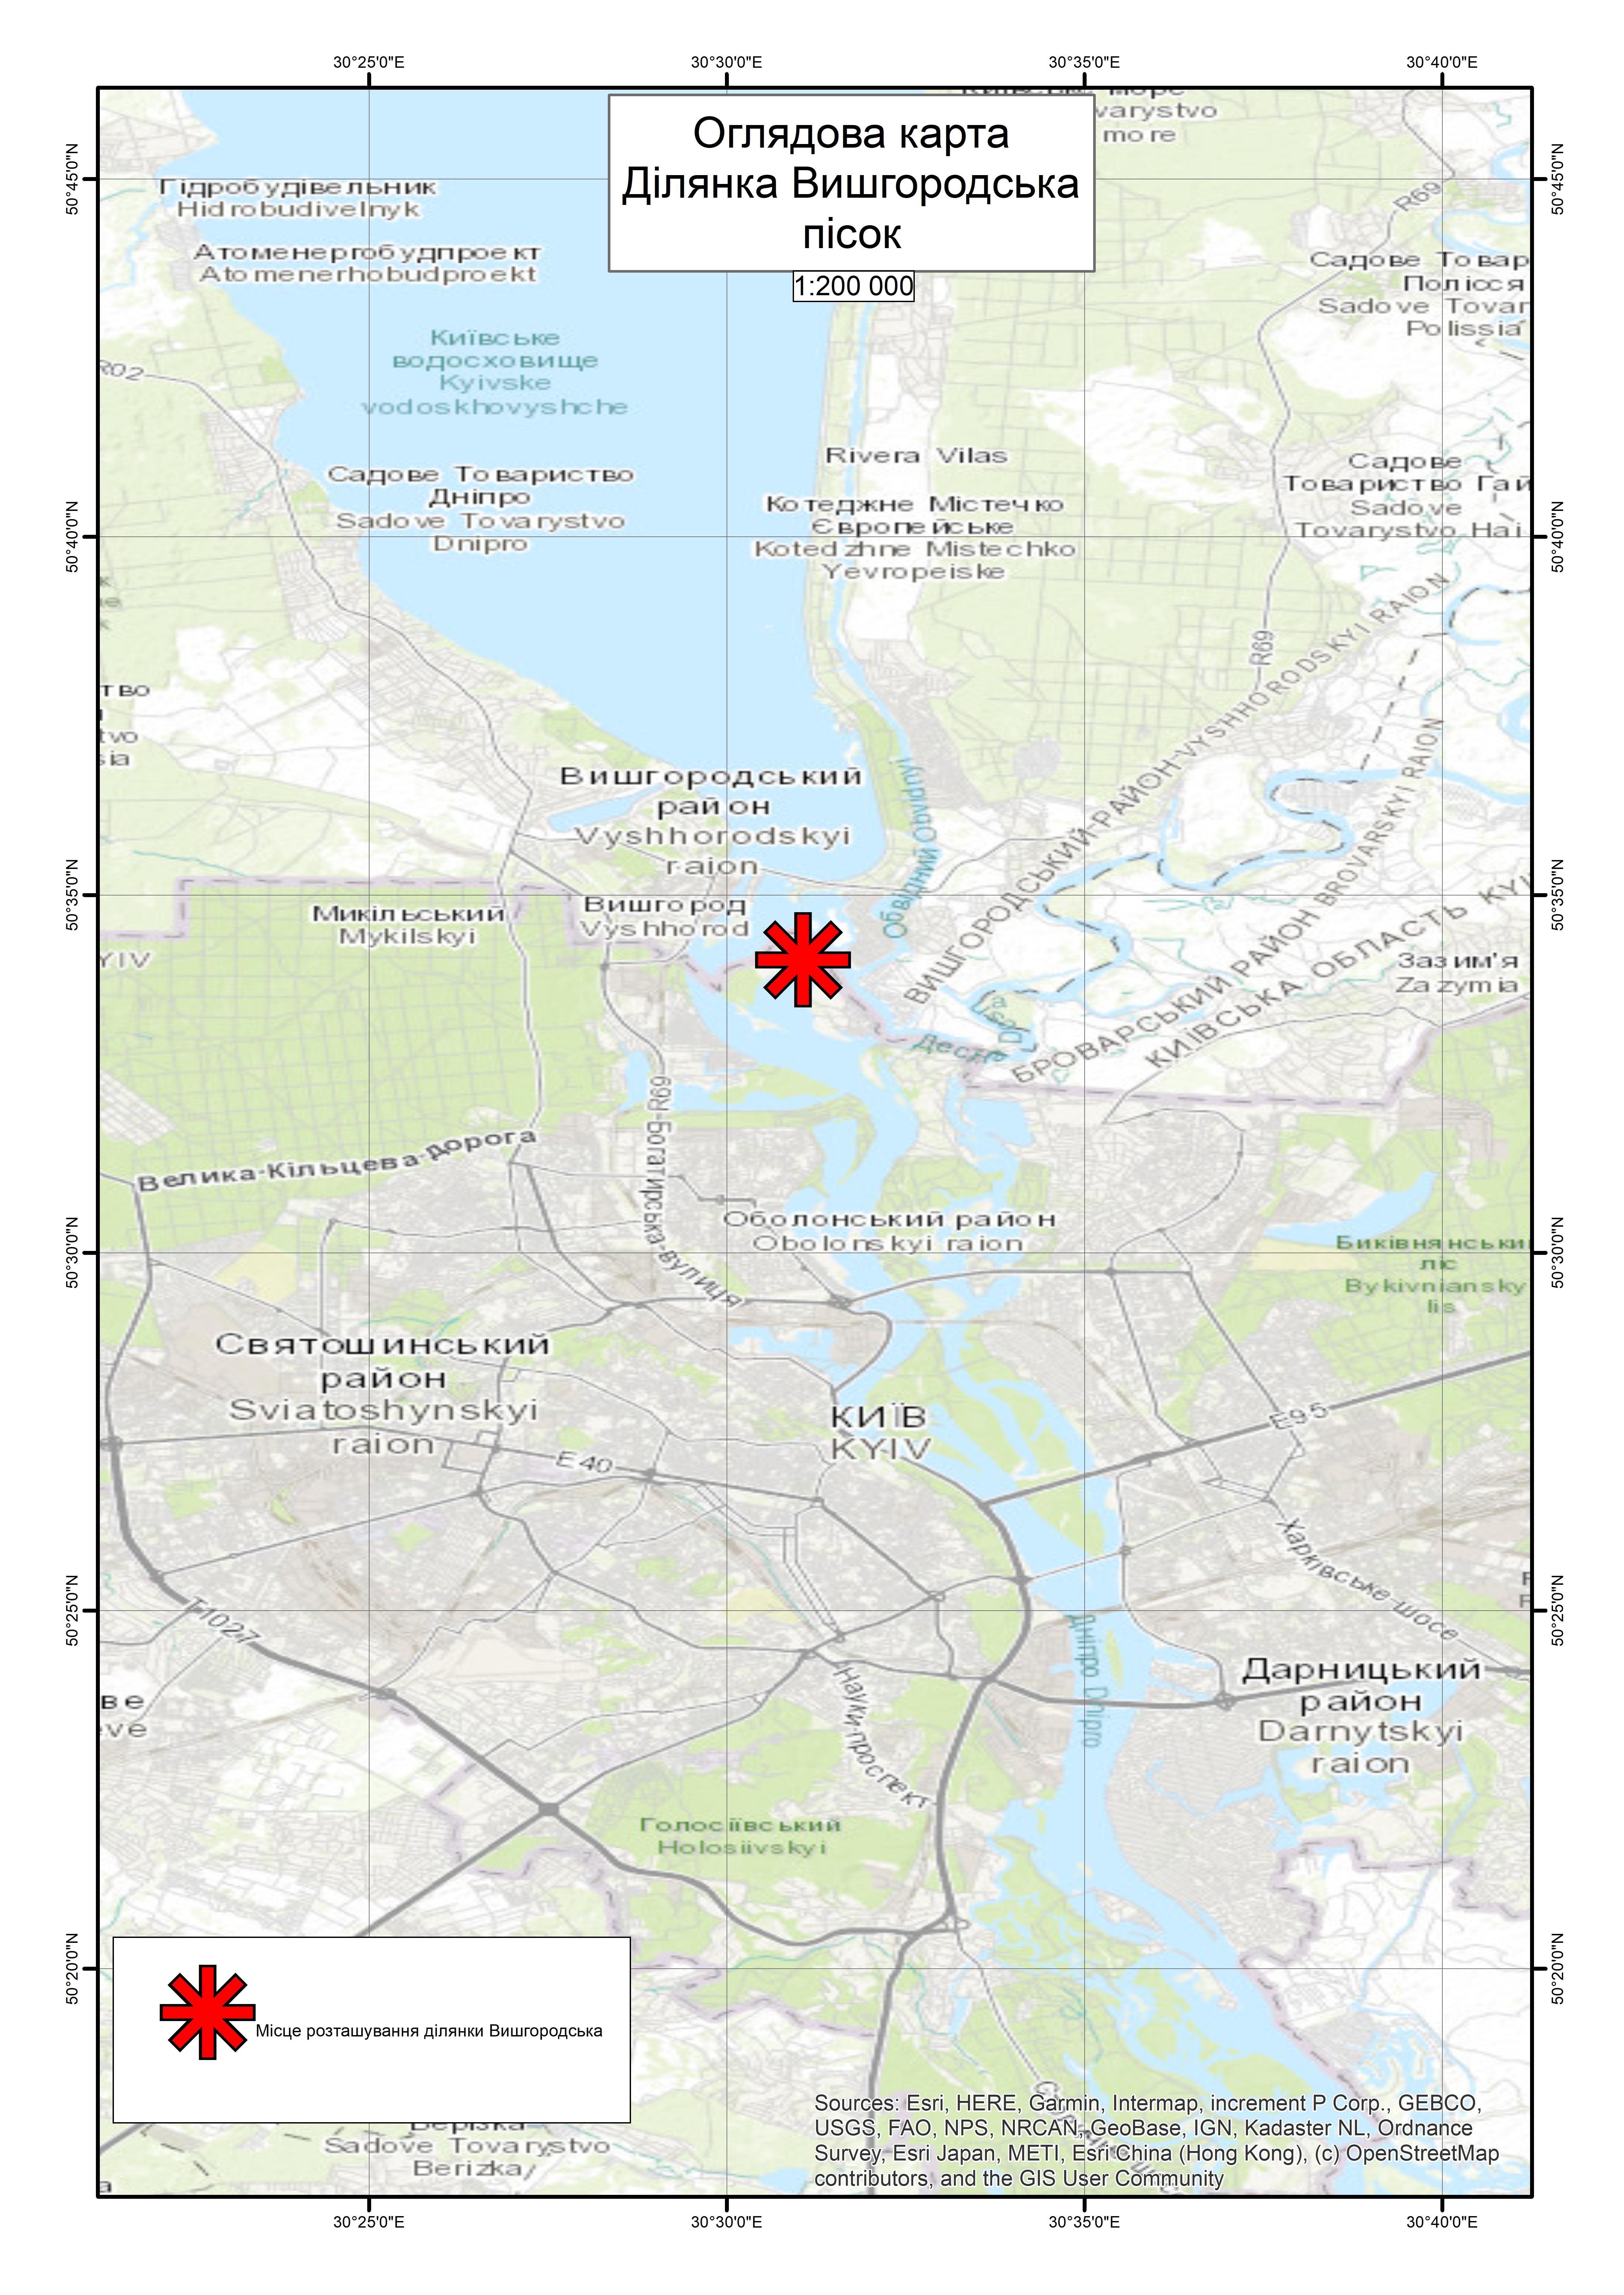 Спеціальний дозвіл на користування надрами – Ділянка Вишгородська. Вартість геологічної інформації – 166 264,31 грн (з ПДВ). Вартість пакету аукціонної документації – 5 078,86 грн (з ПДВ).